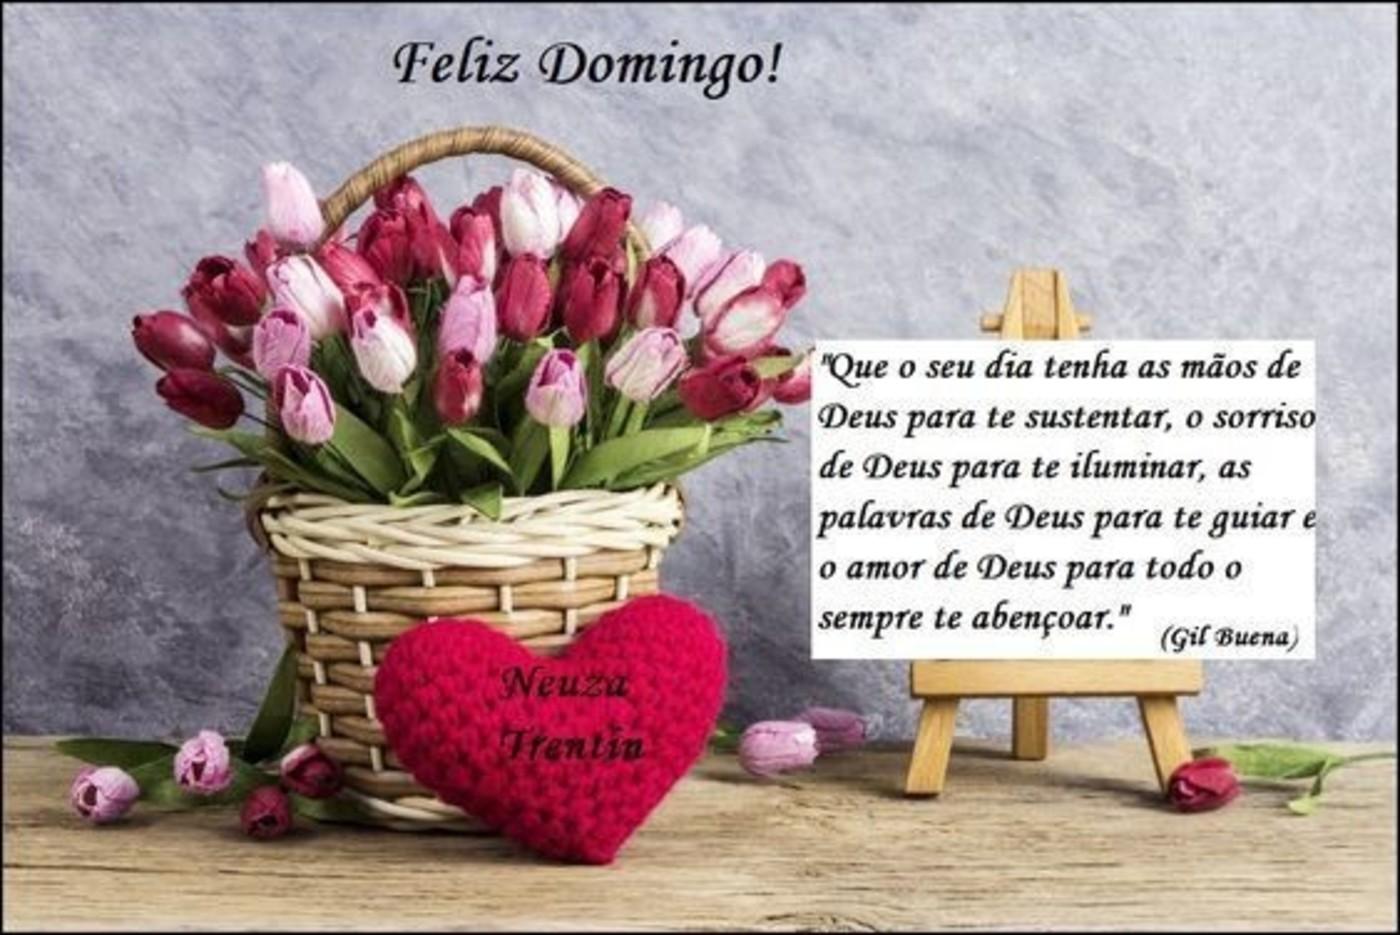 Bom domingo Imagens Facebook e Whatsapp 304